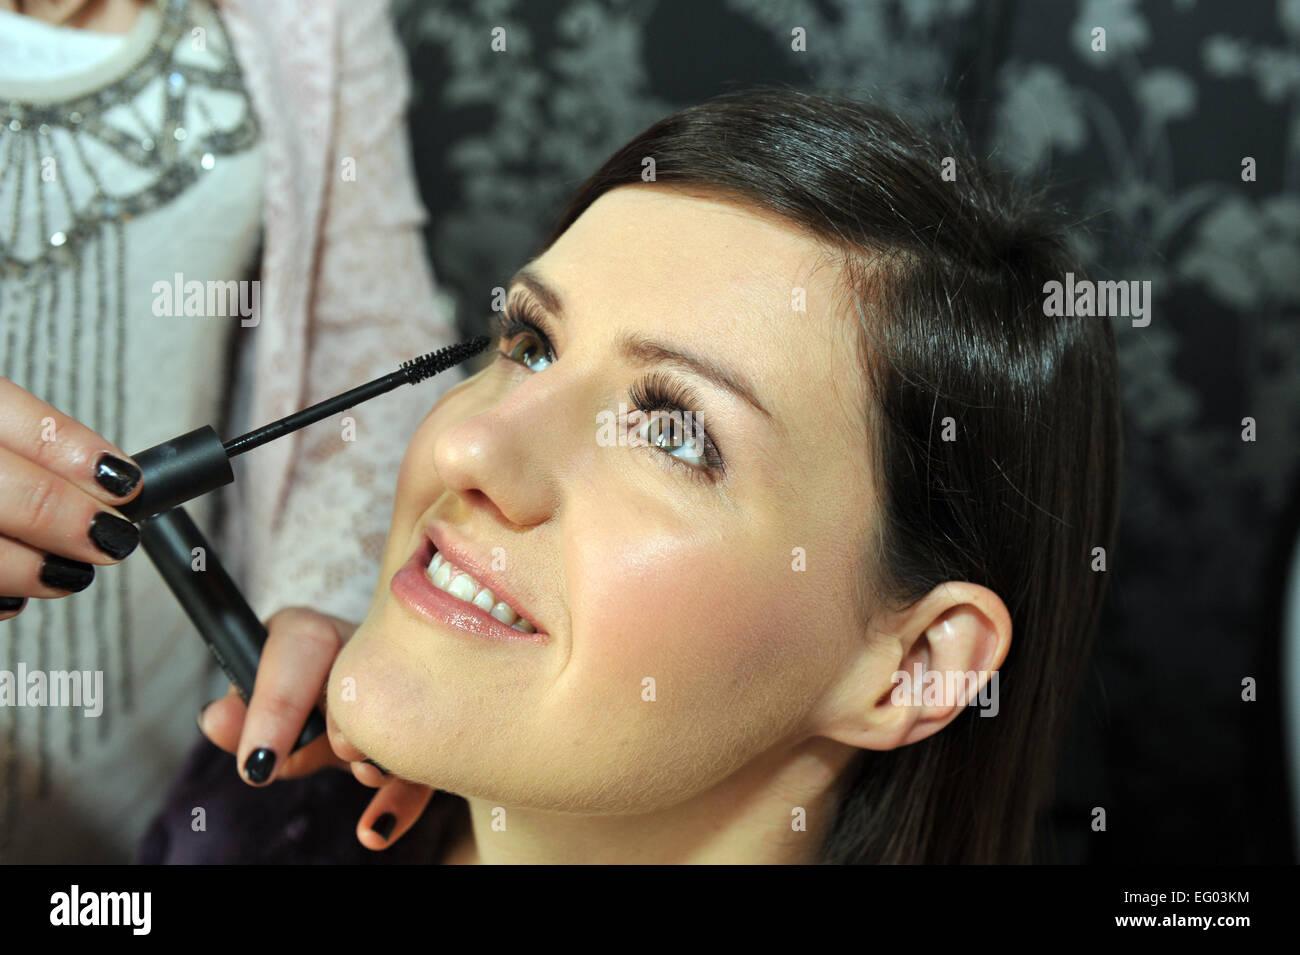 Maquillaje artista aplica la máscara en una mujer joven. Imagen De Stock